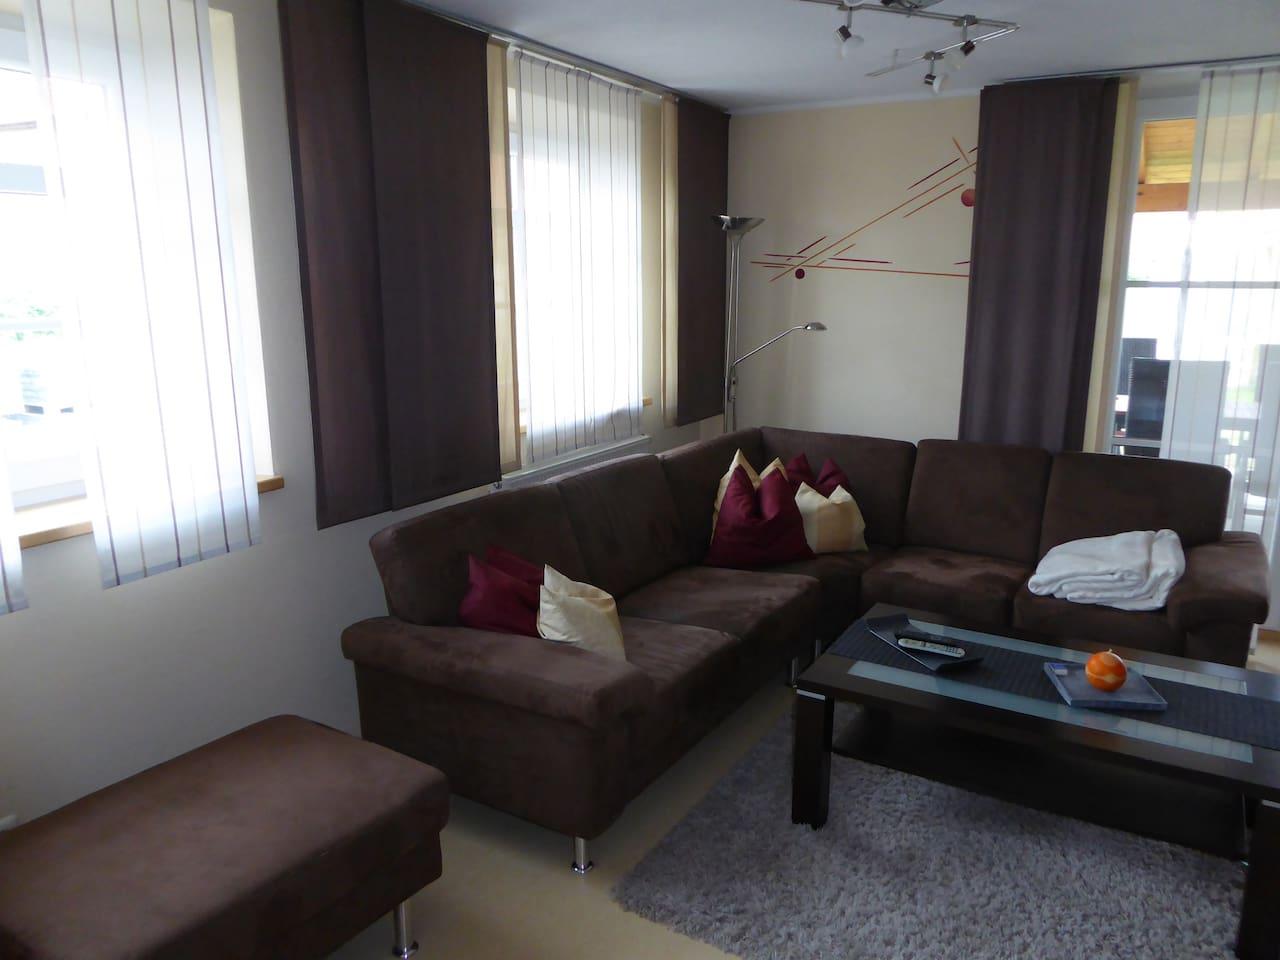 Das große Sofa im Wohnzimmer lädt zum ausruhen und erholen ein.